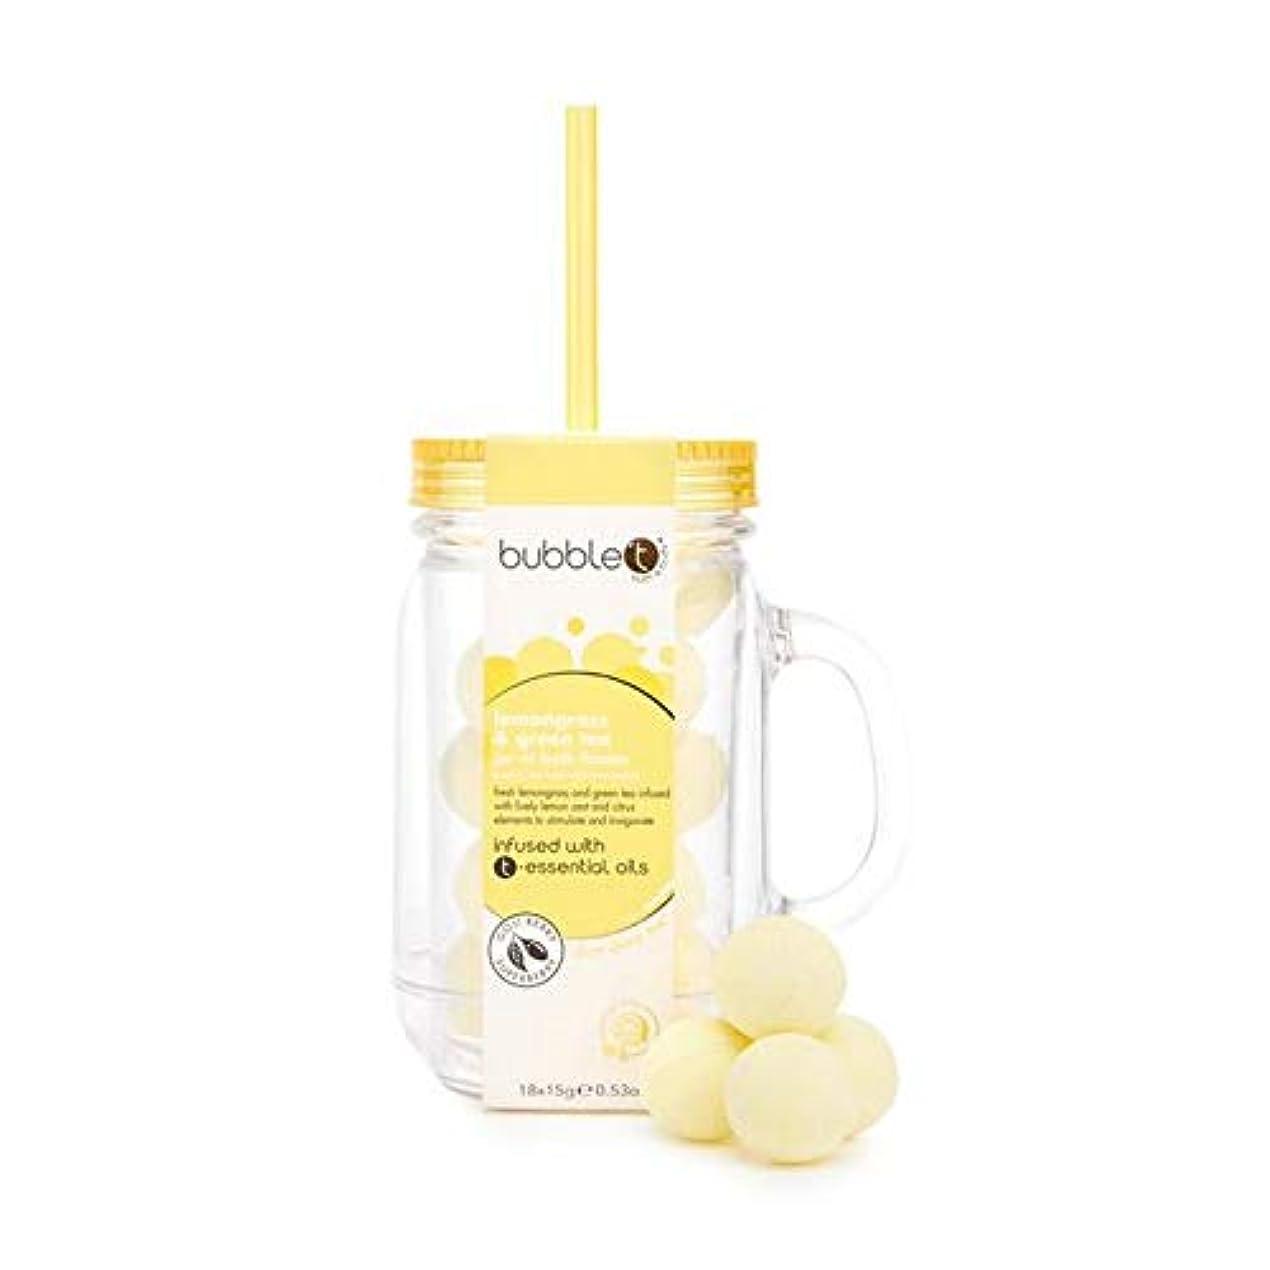 資本主義スプーン地雷原[BUBBLE T] バブルトン風呂Fizziesメイソンジャー、レモングラス&緑茶 - Bubble T Bath Fizzies Mason Jar, Lemongrass & Green Tea [並行輸入品]